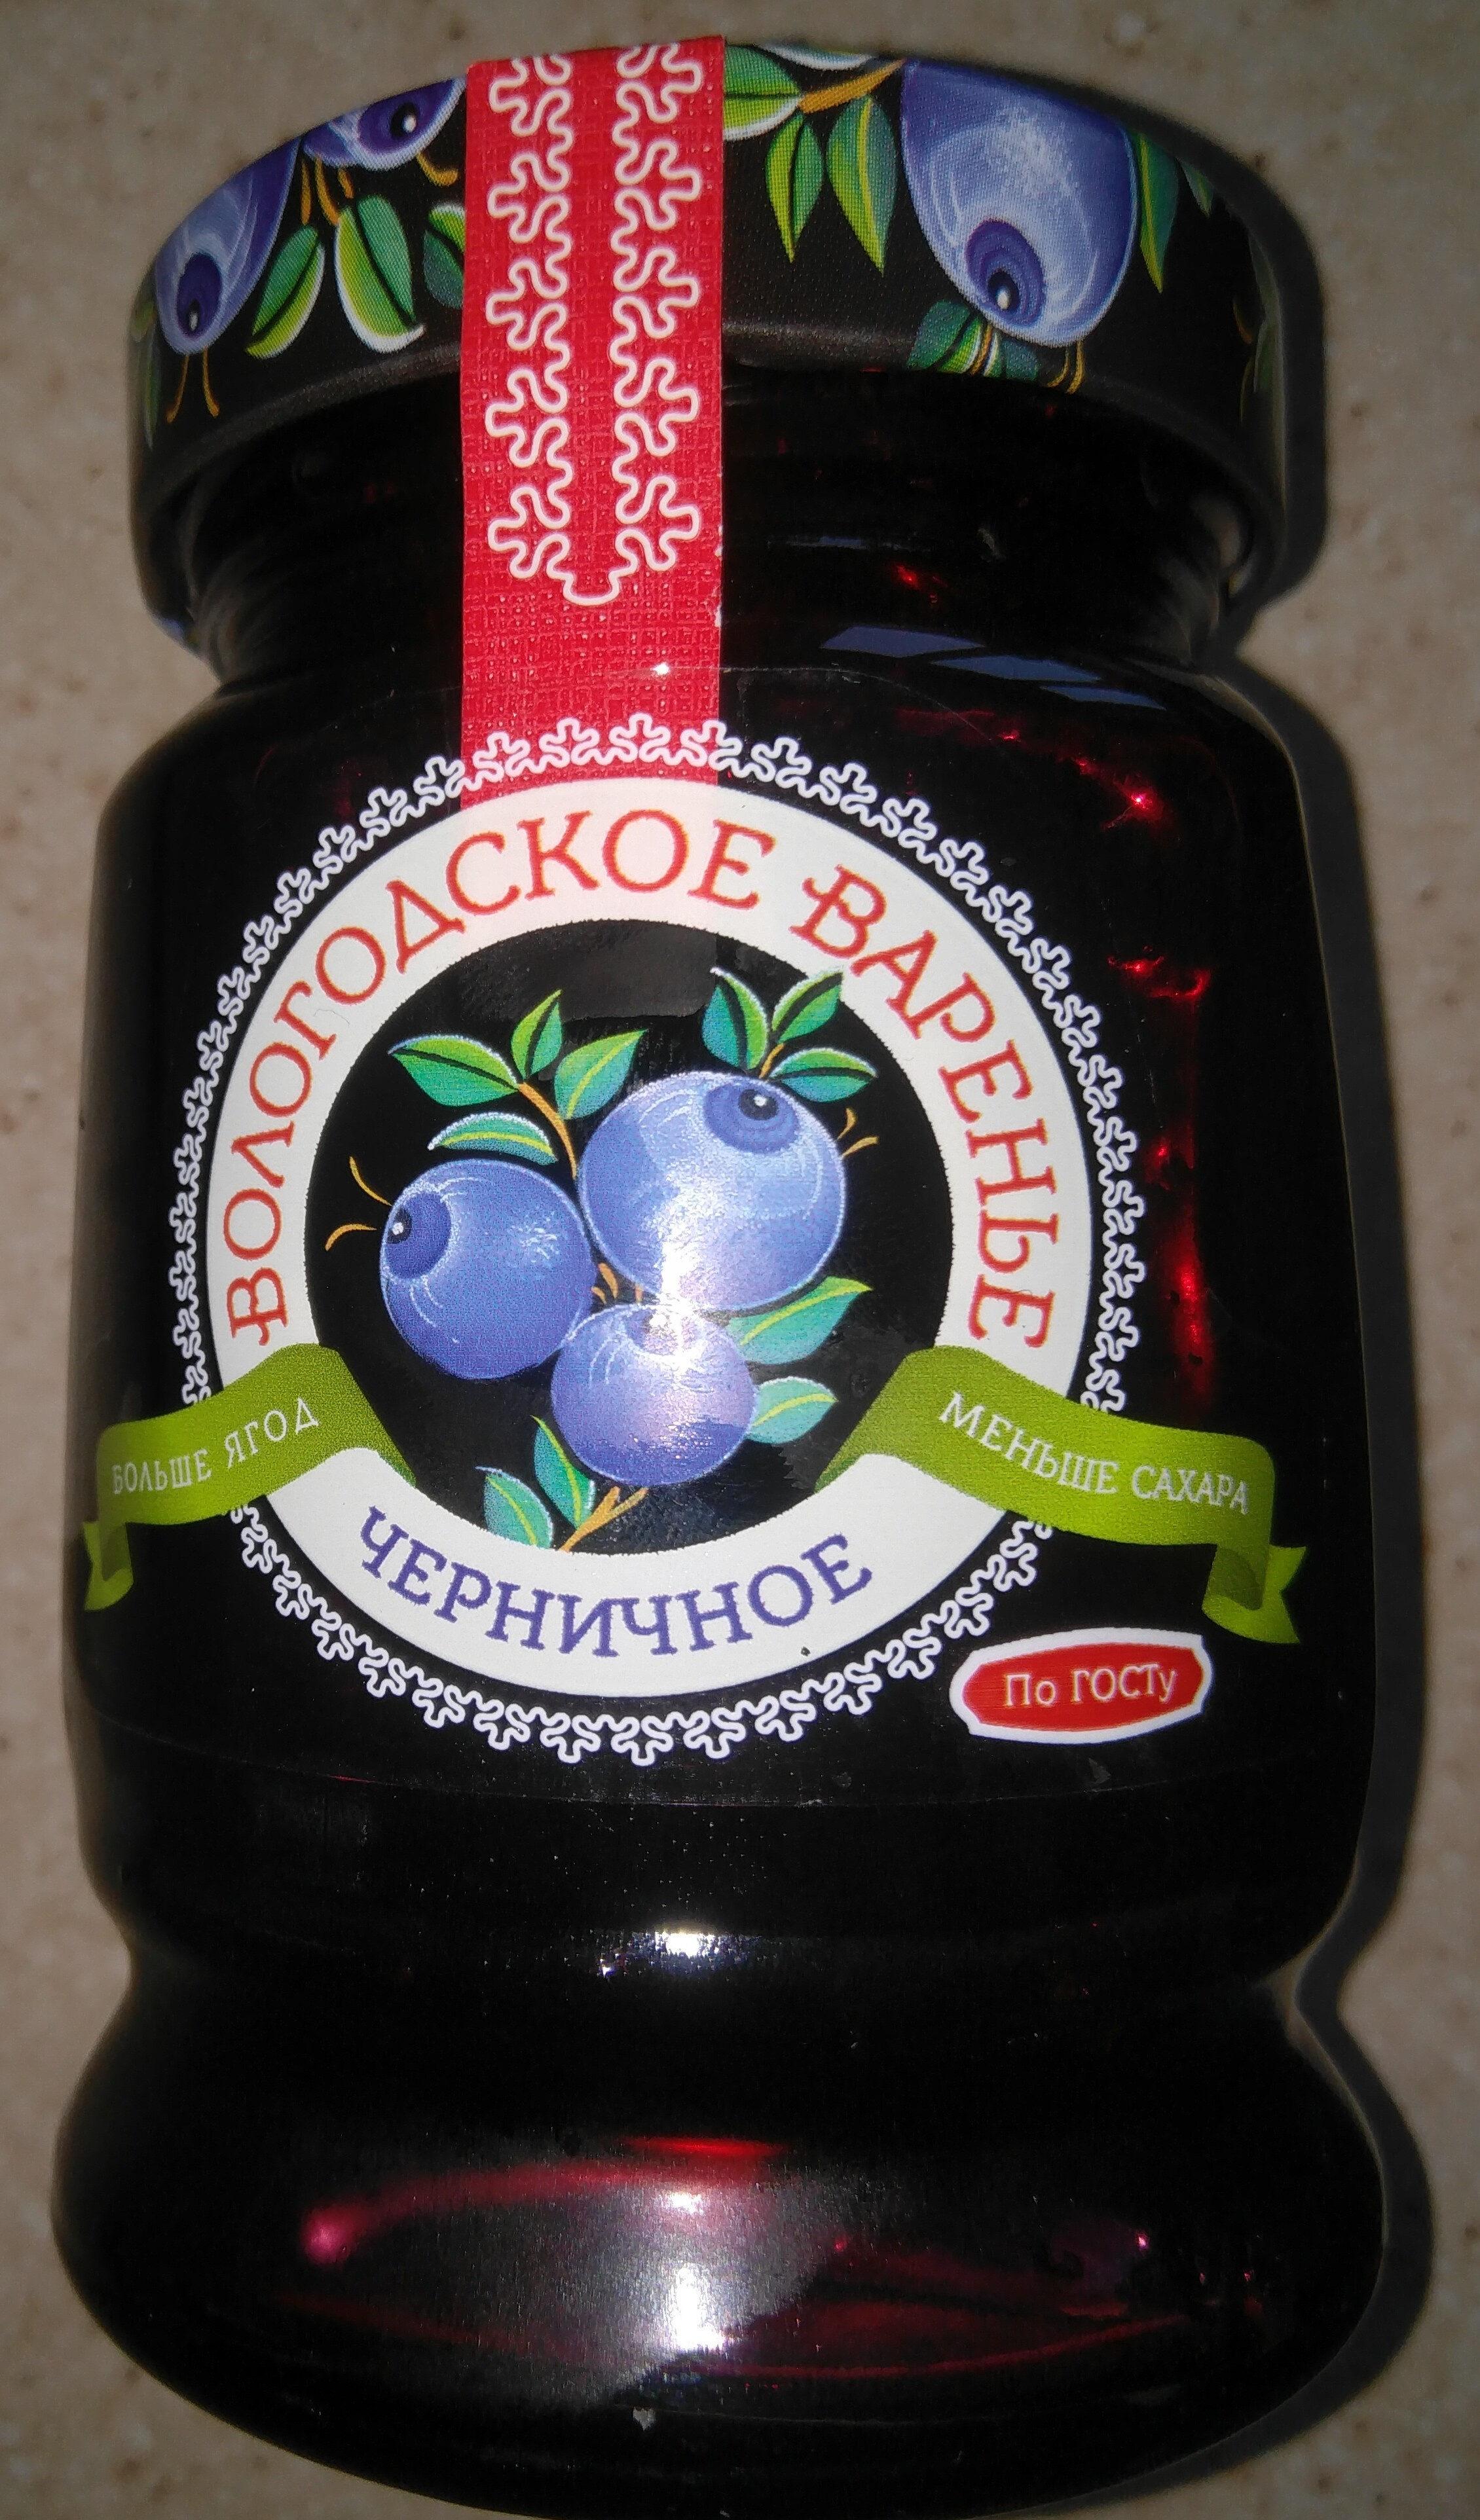 Варенье черничное - Product - ru